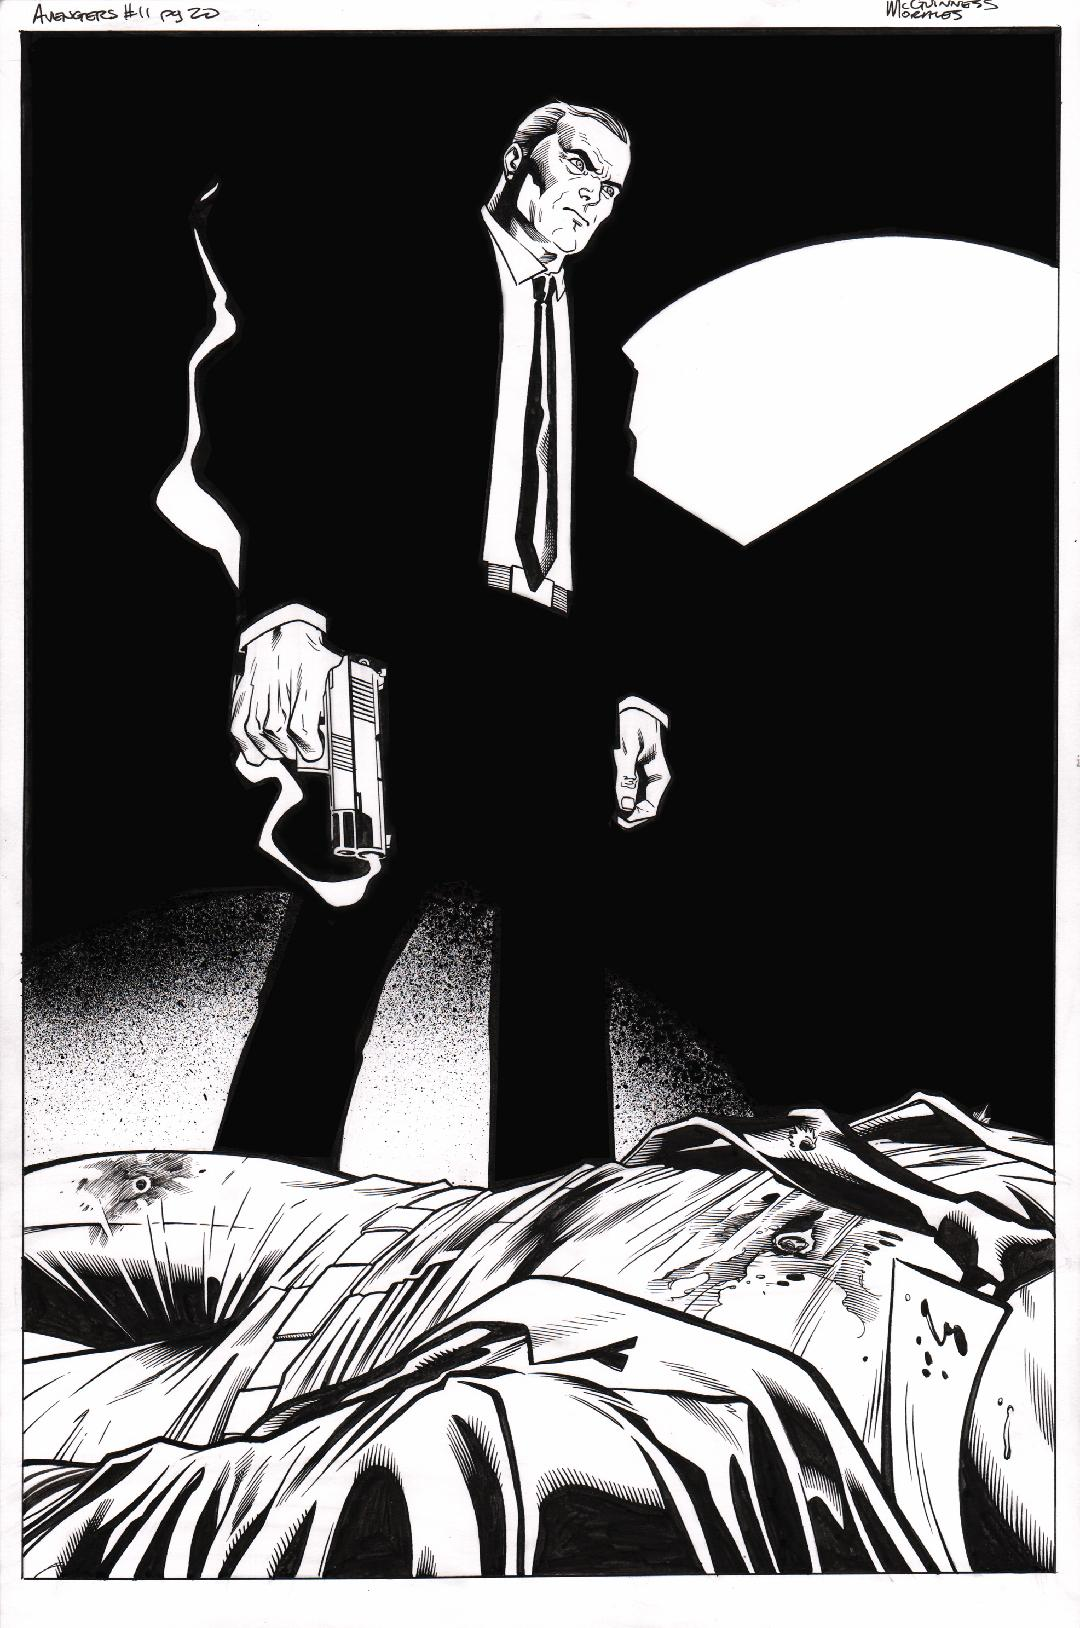 Avengers #11 pg20